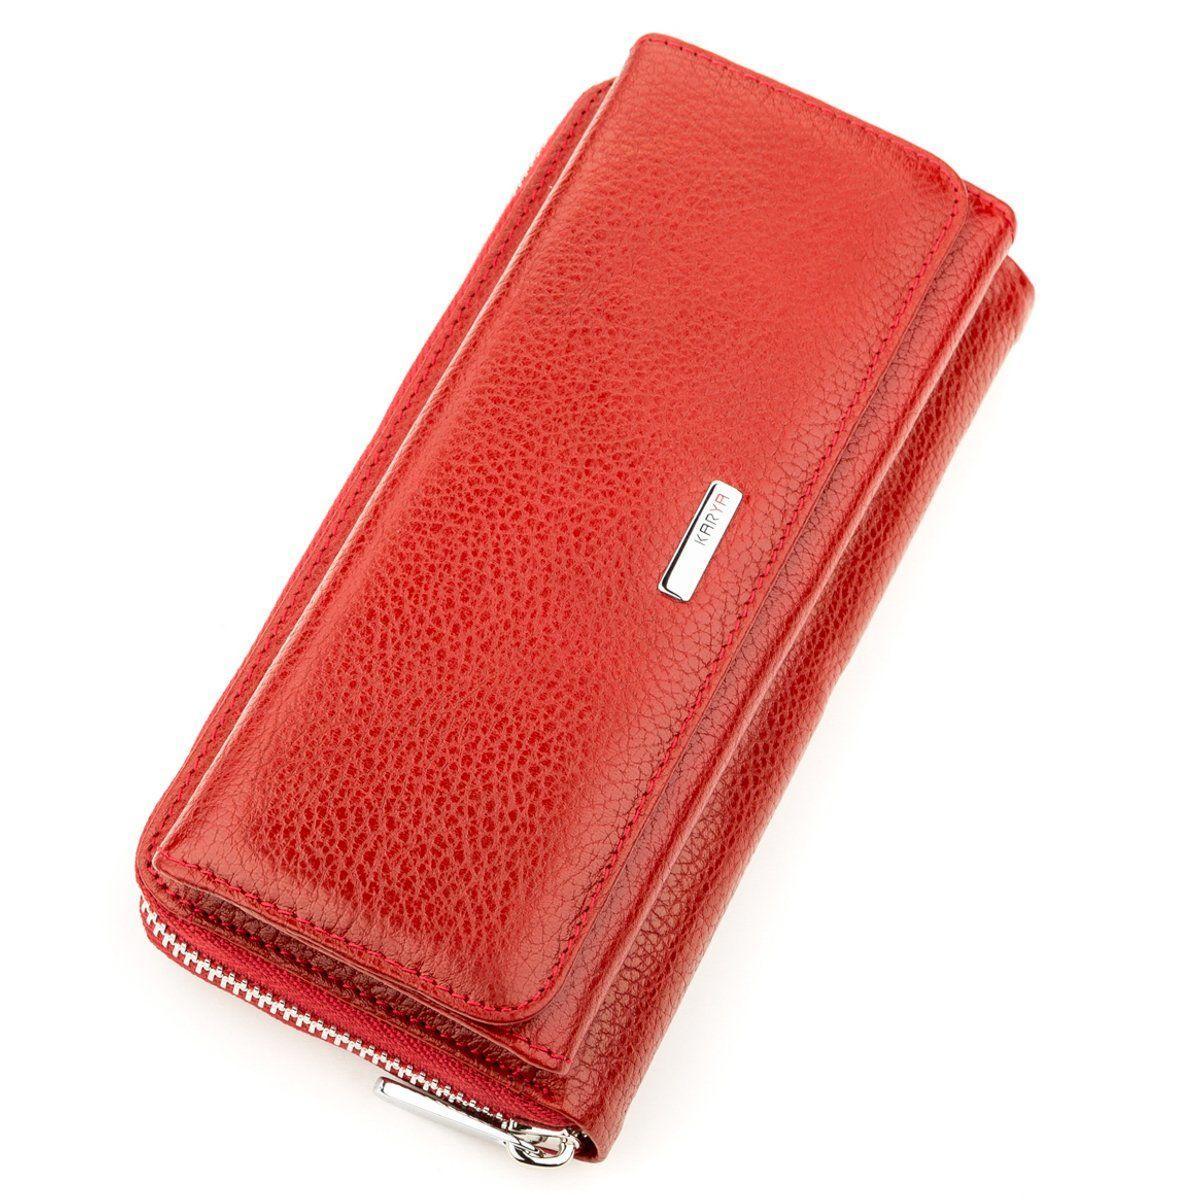 Кошелек женский KARYA 17250 кожаный Красный, Красный